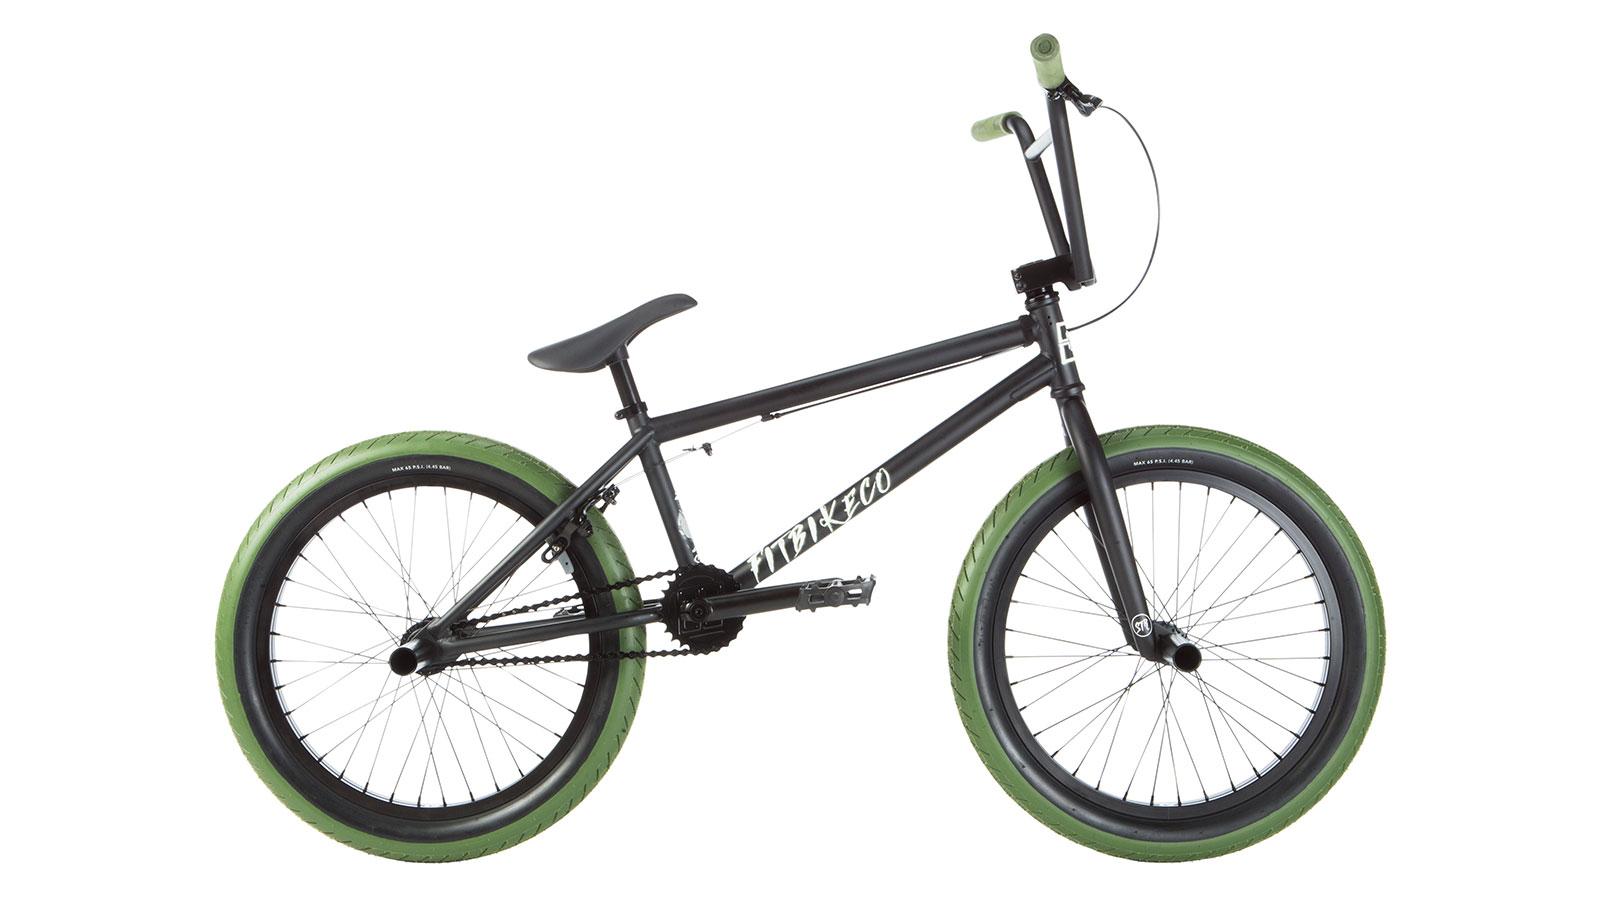 STR_Bike_Angle_03.jpg